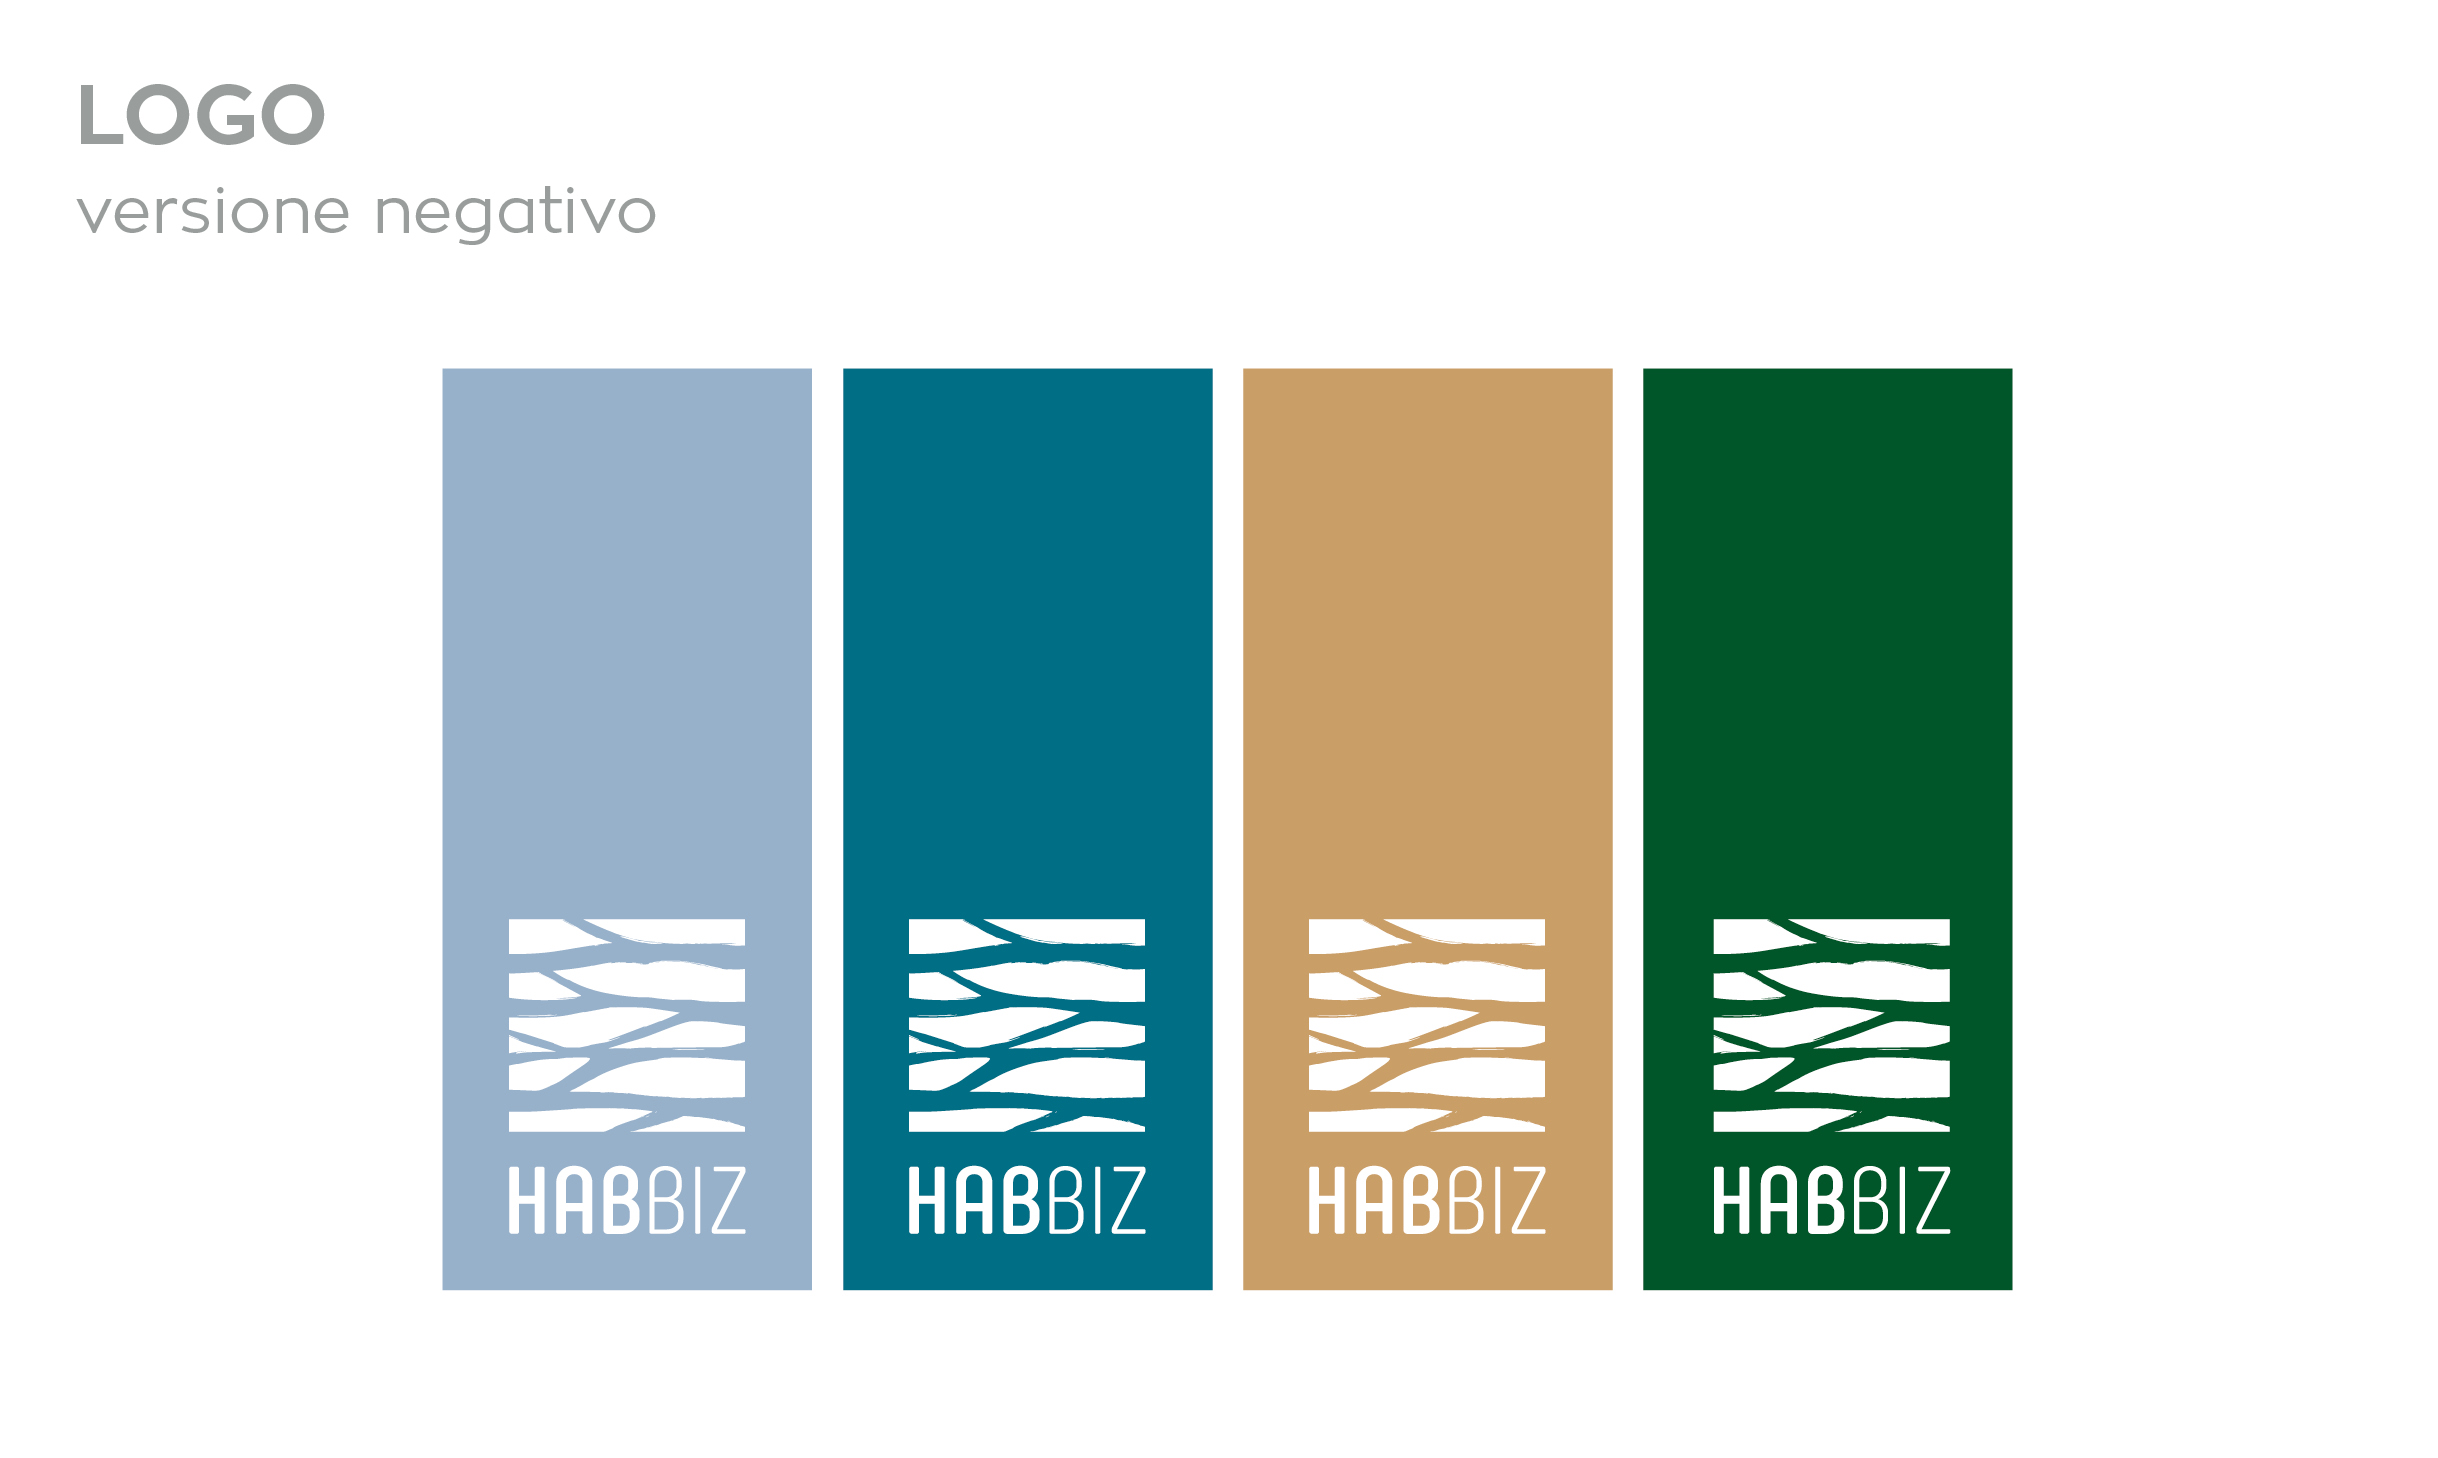 Hora-Habbiz_brandIdentity_14